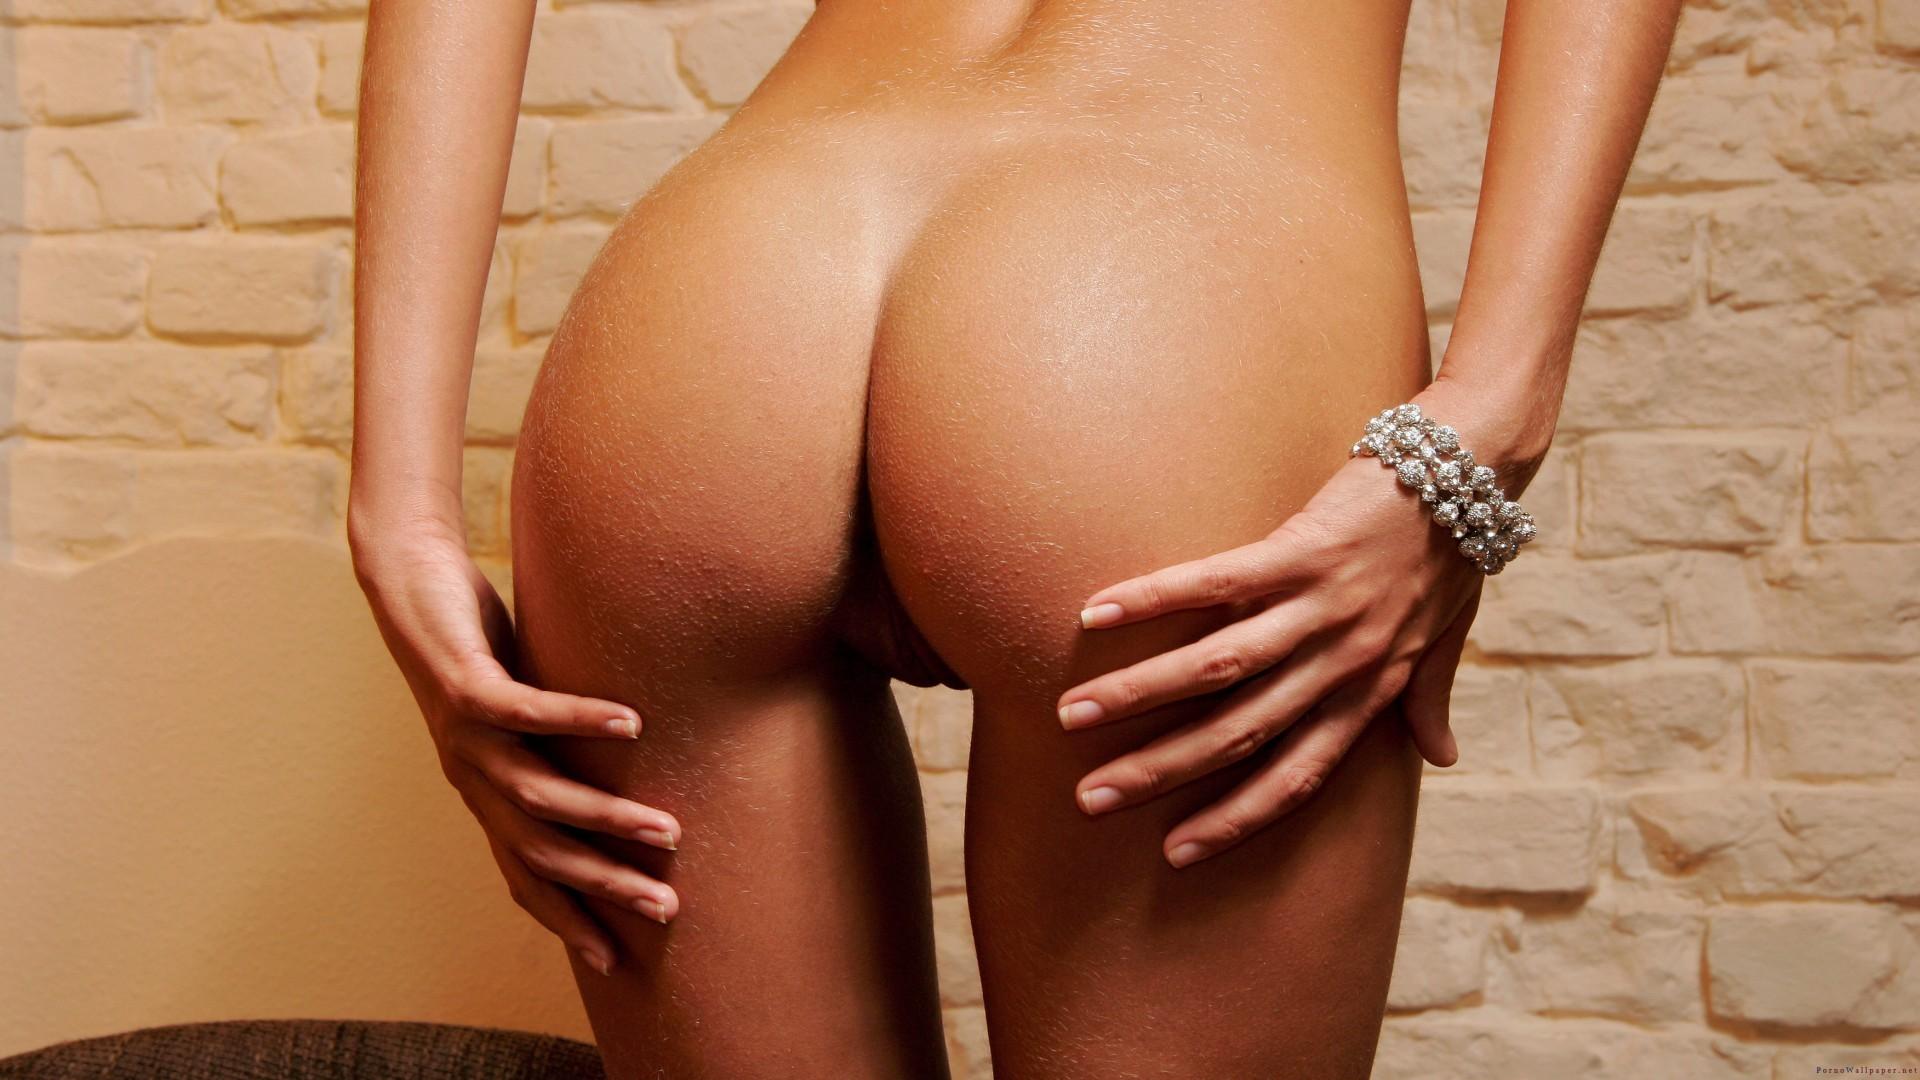 Задницы самые красивые фотографии голые девушки